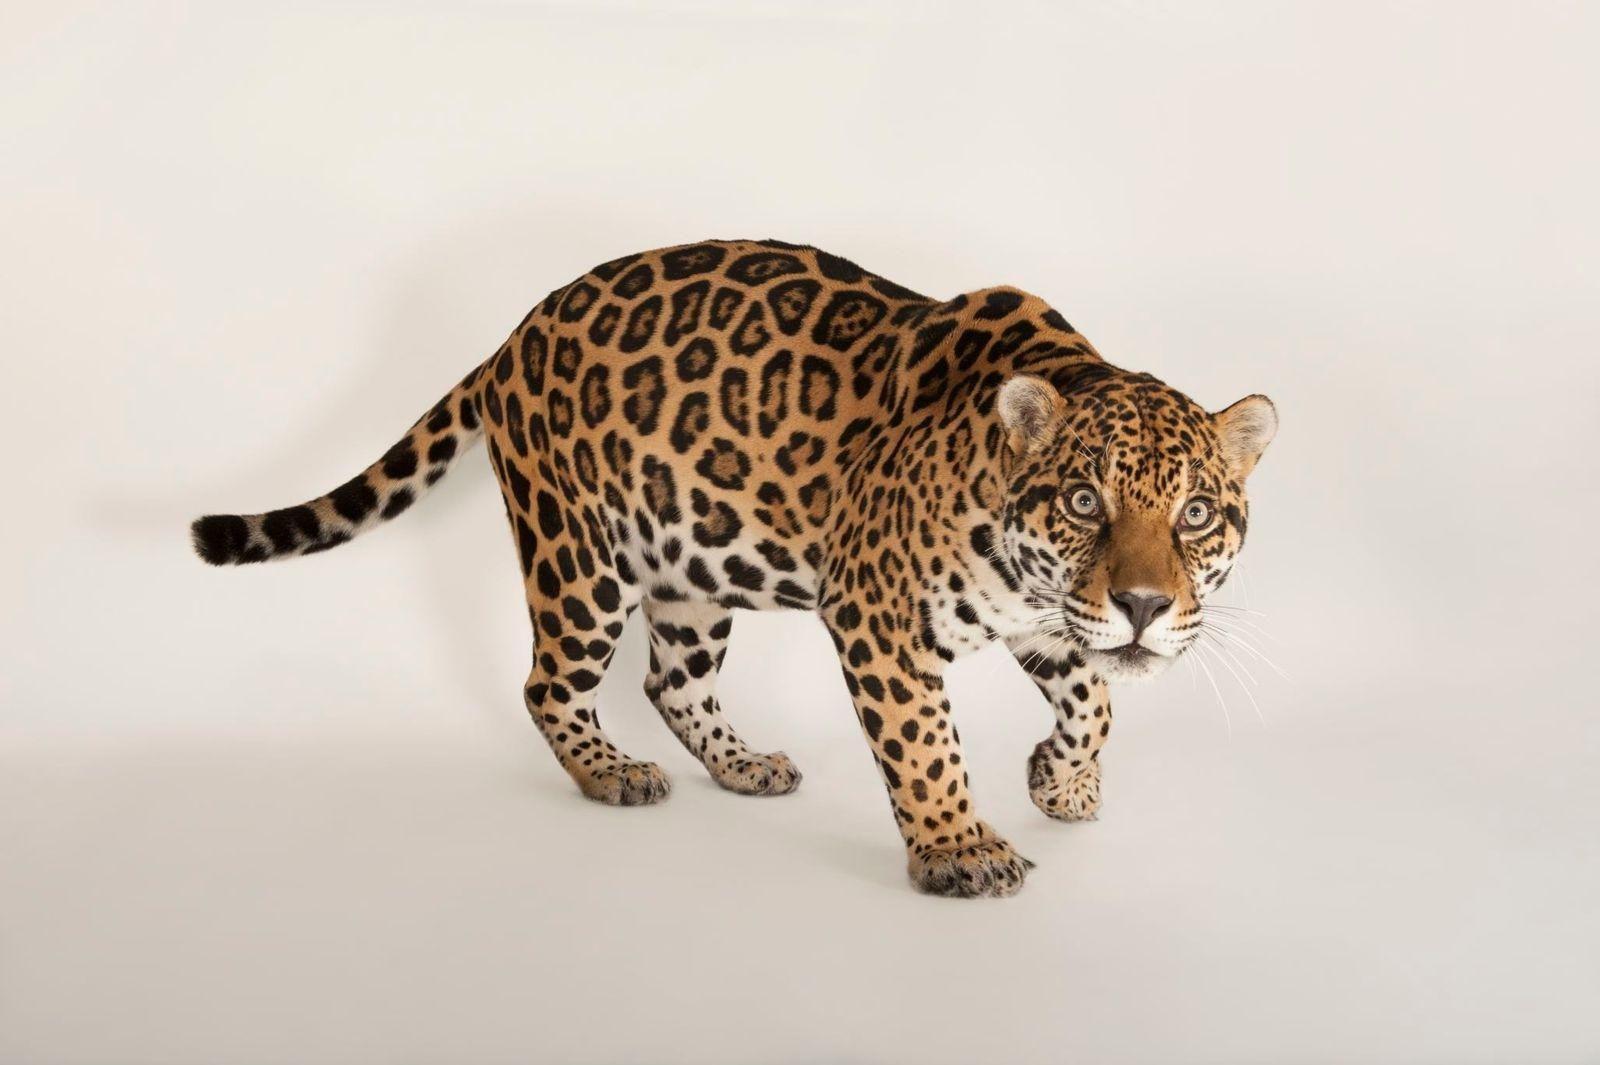 Los jaguares son los felinos más grandes de América. Esta foto fue tomada en el Omaha's ...